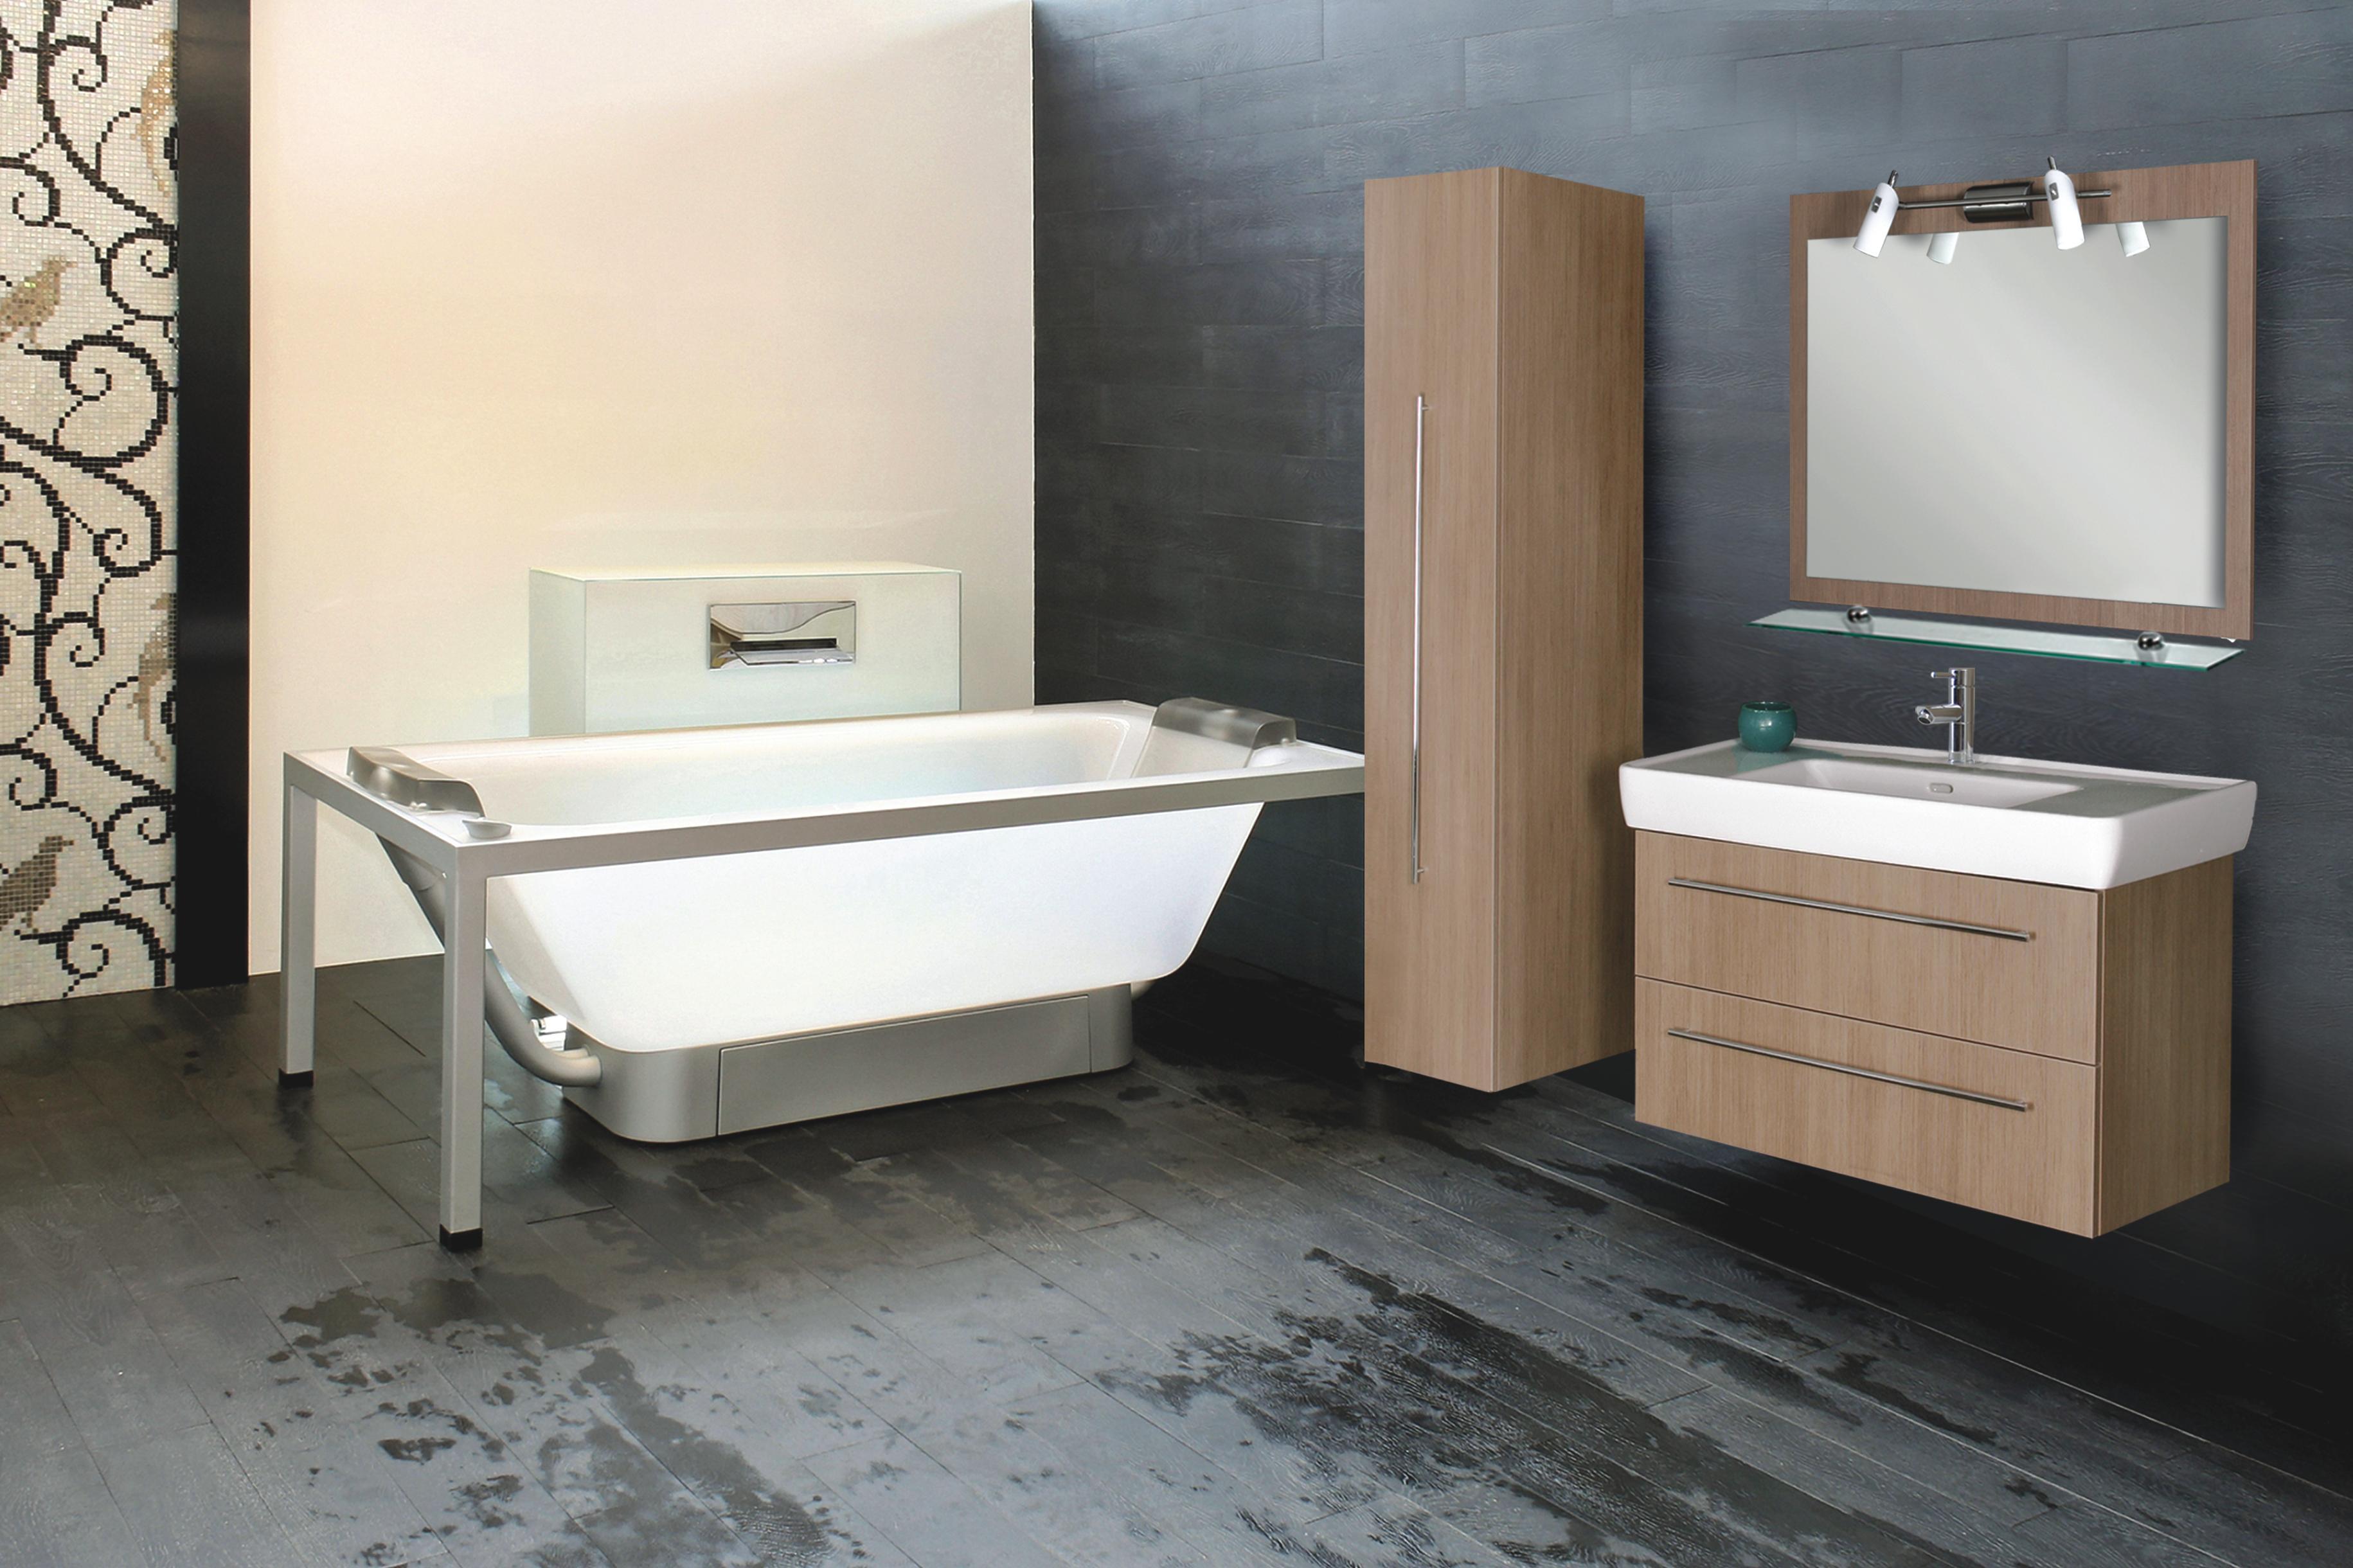 Mini salle de bain design avec haute résolution photographies ...